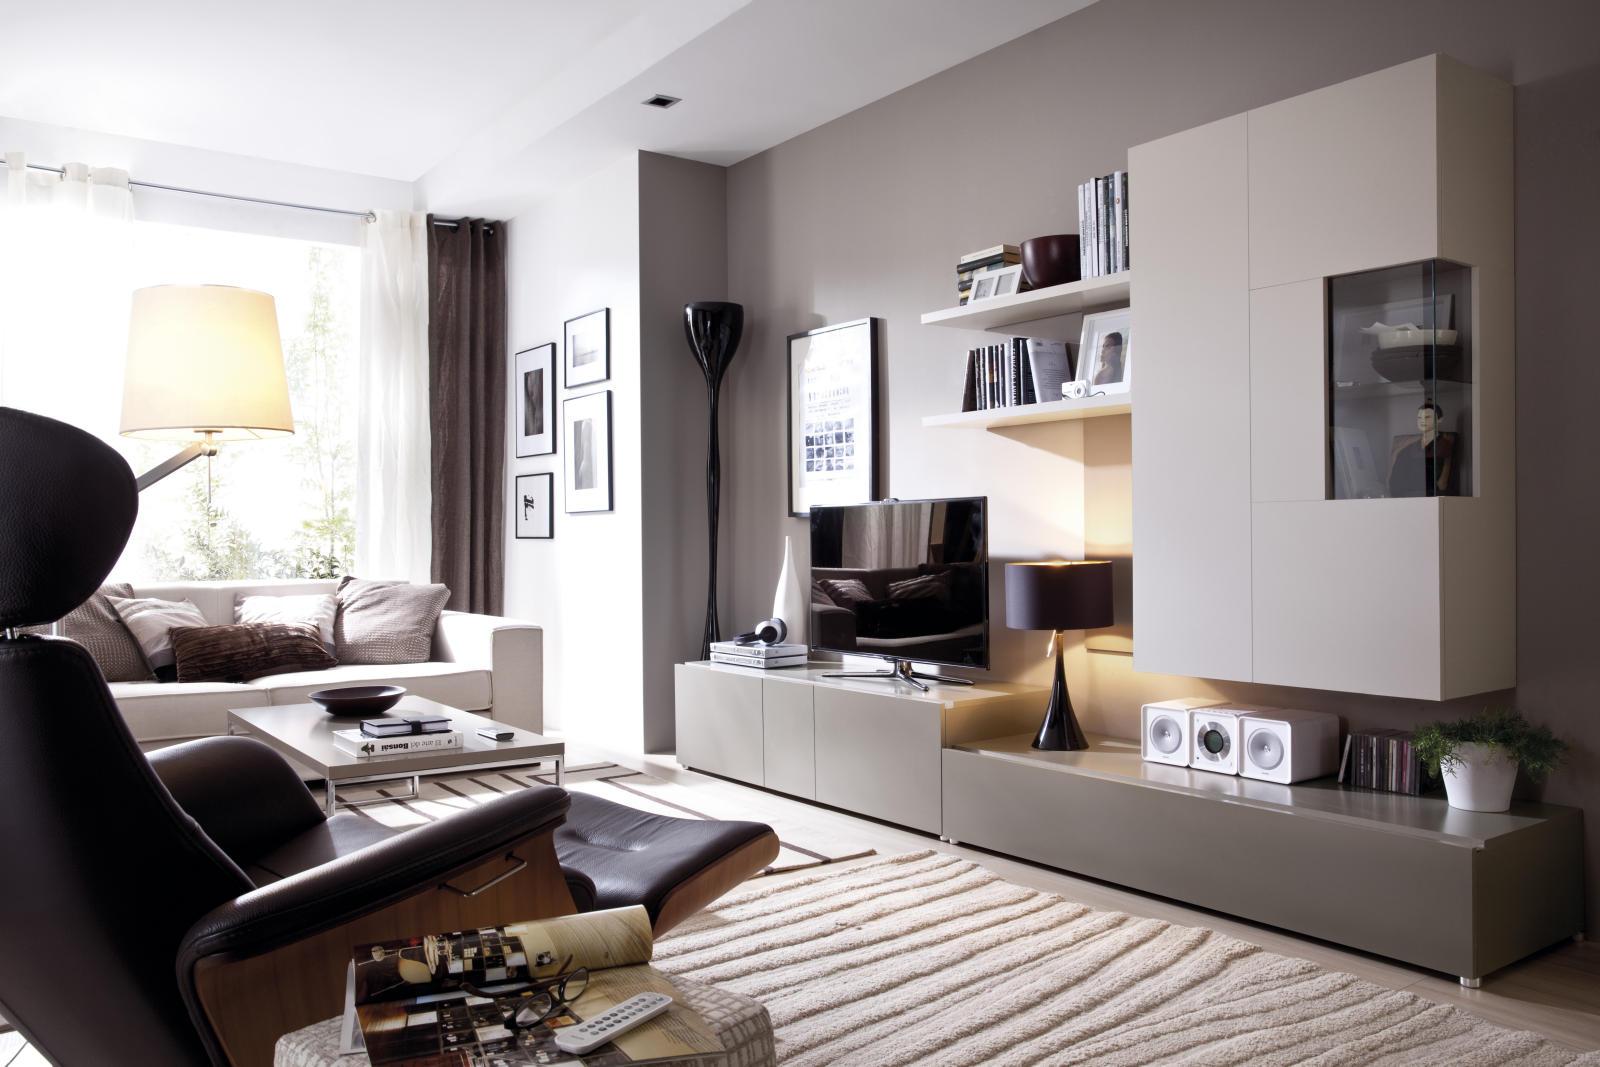 Sillas de dise o muebles epa blog - Muebles salon modernos ...